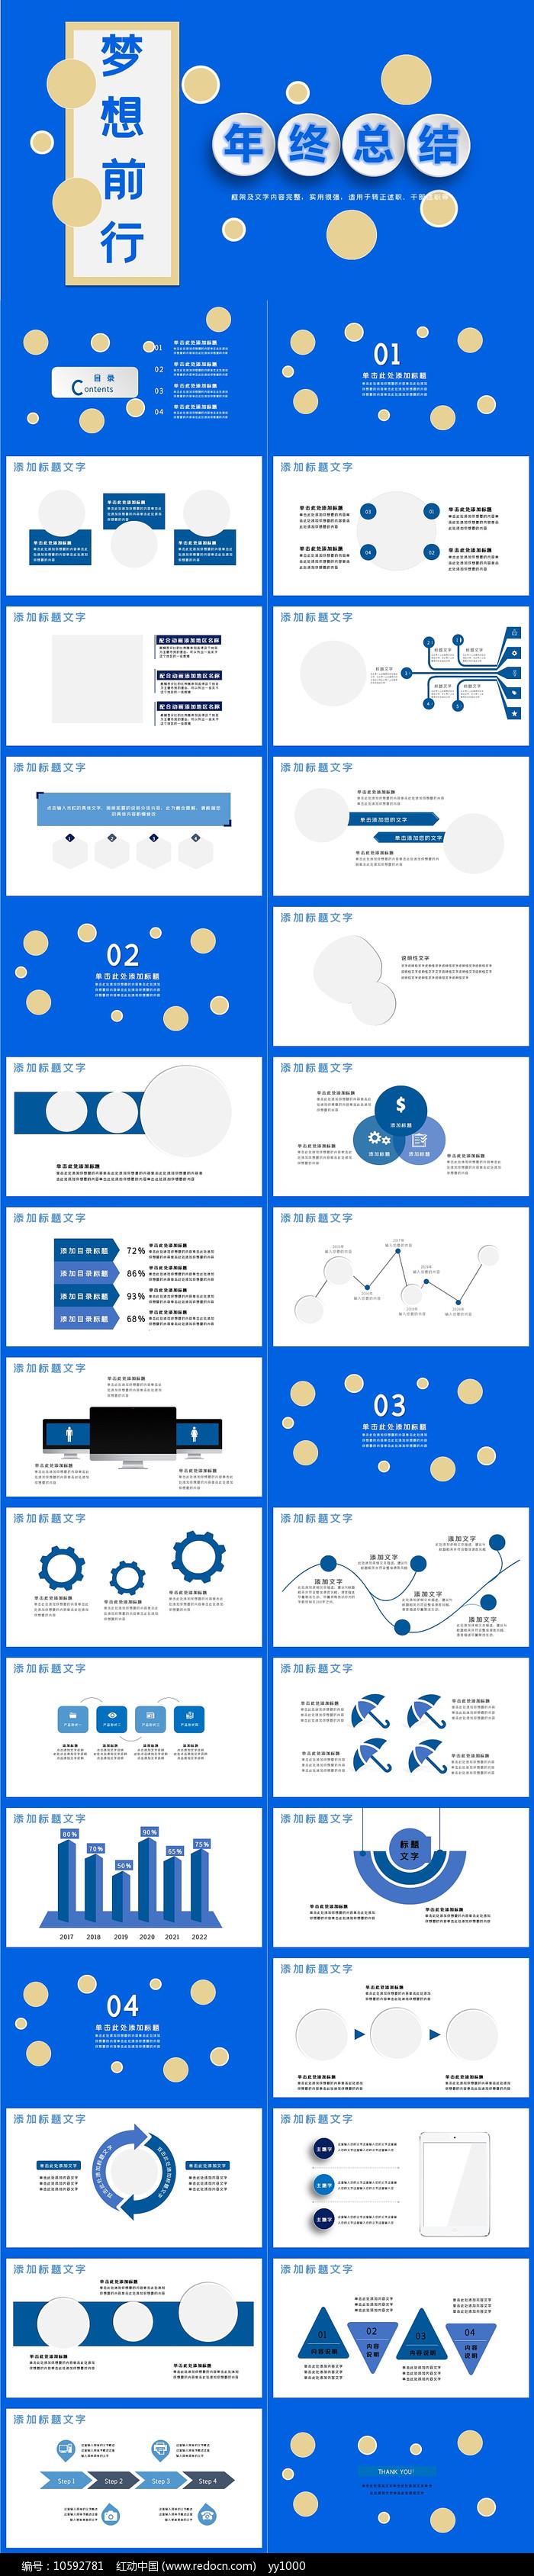 蓝色梦想前行工作计划PPT模板图片